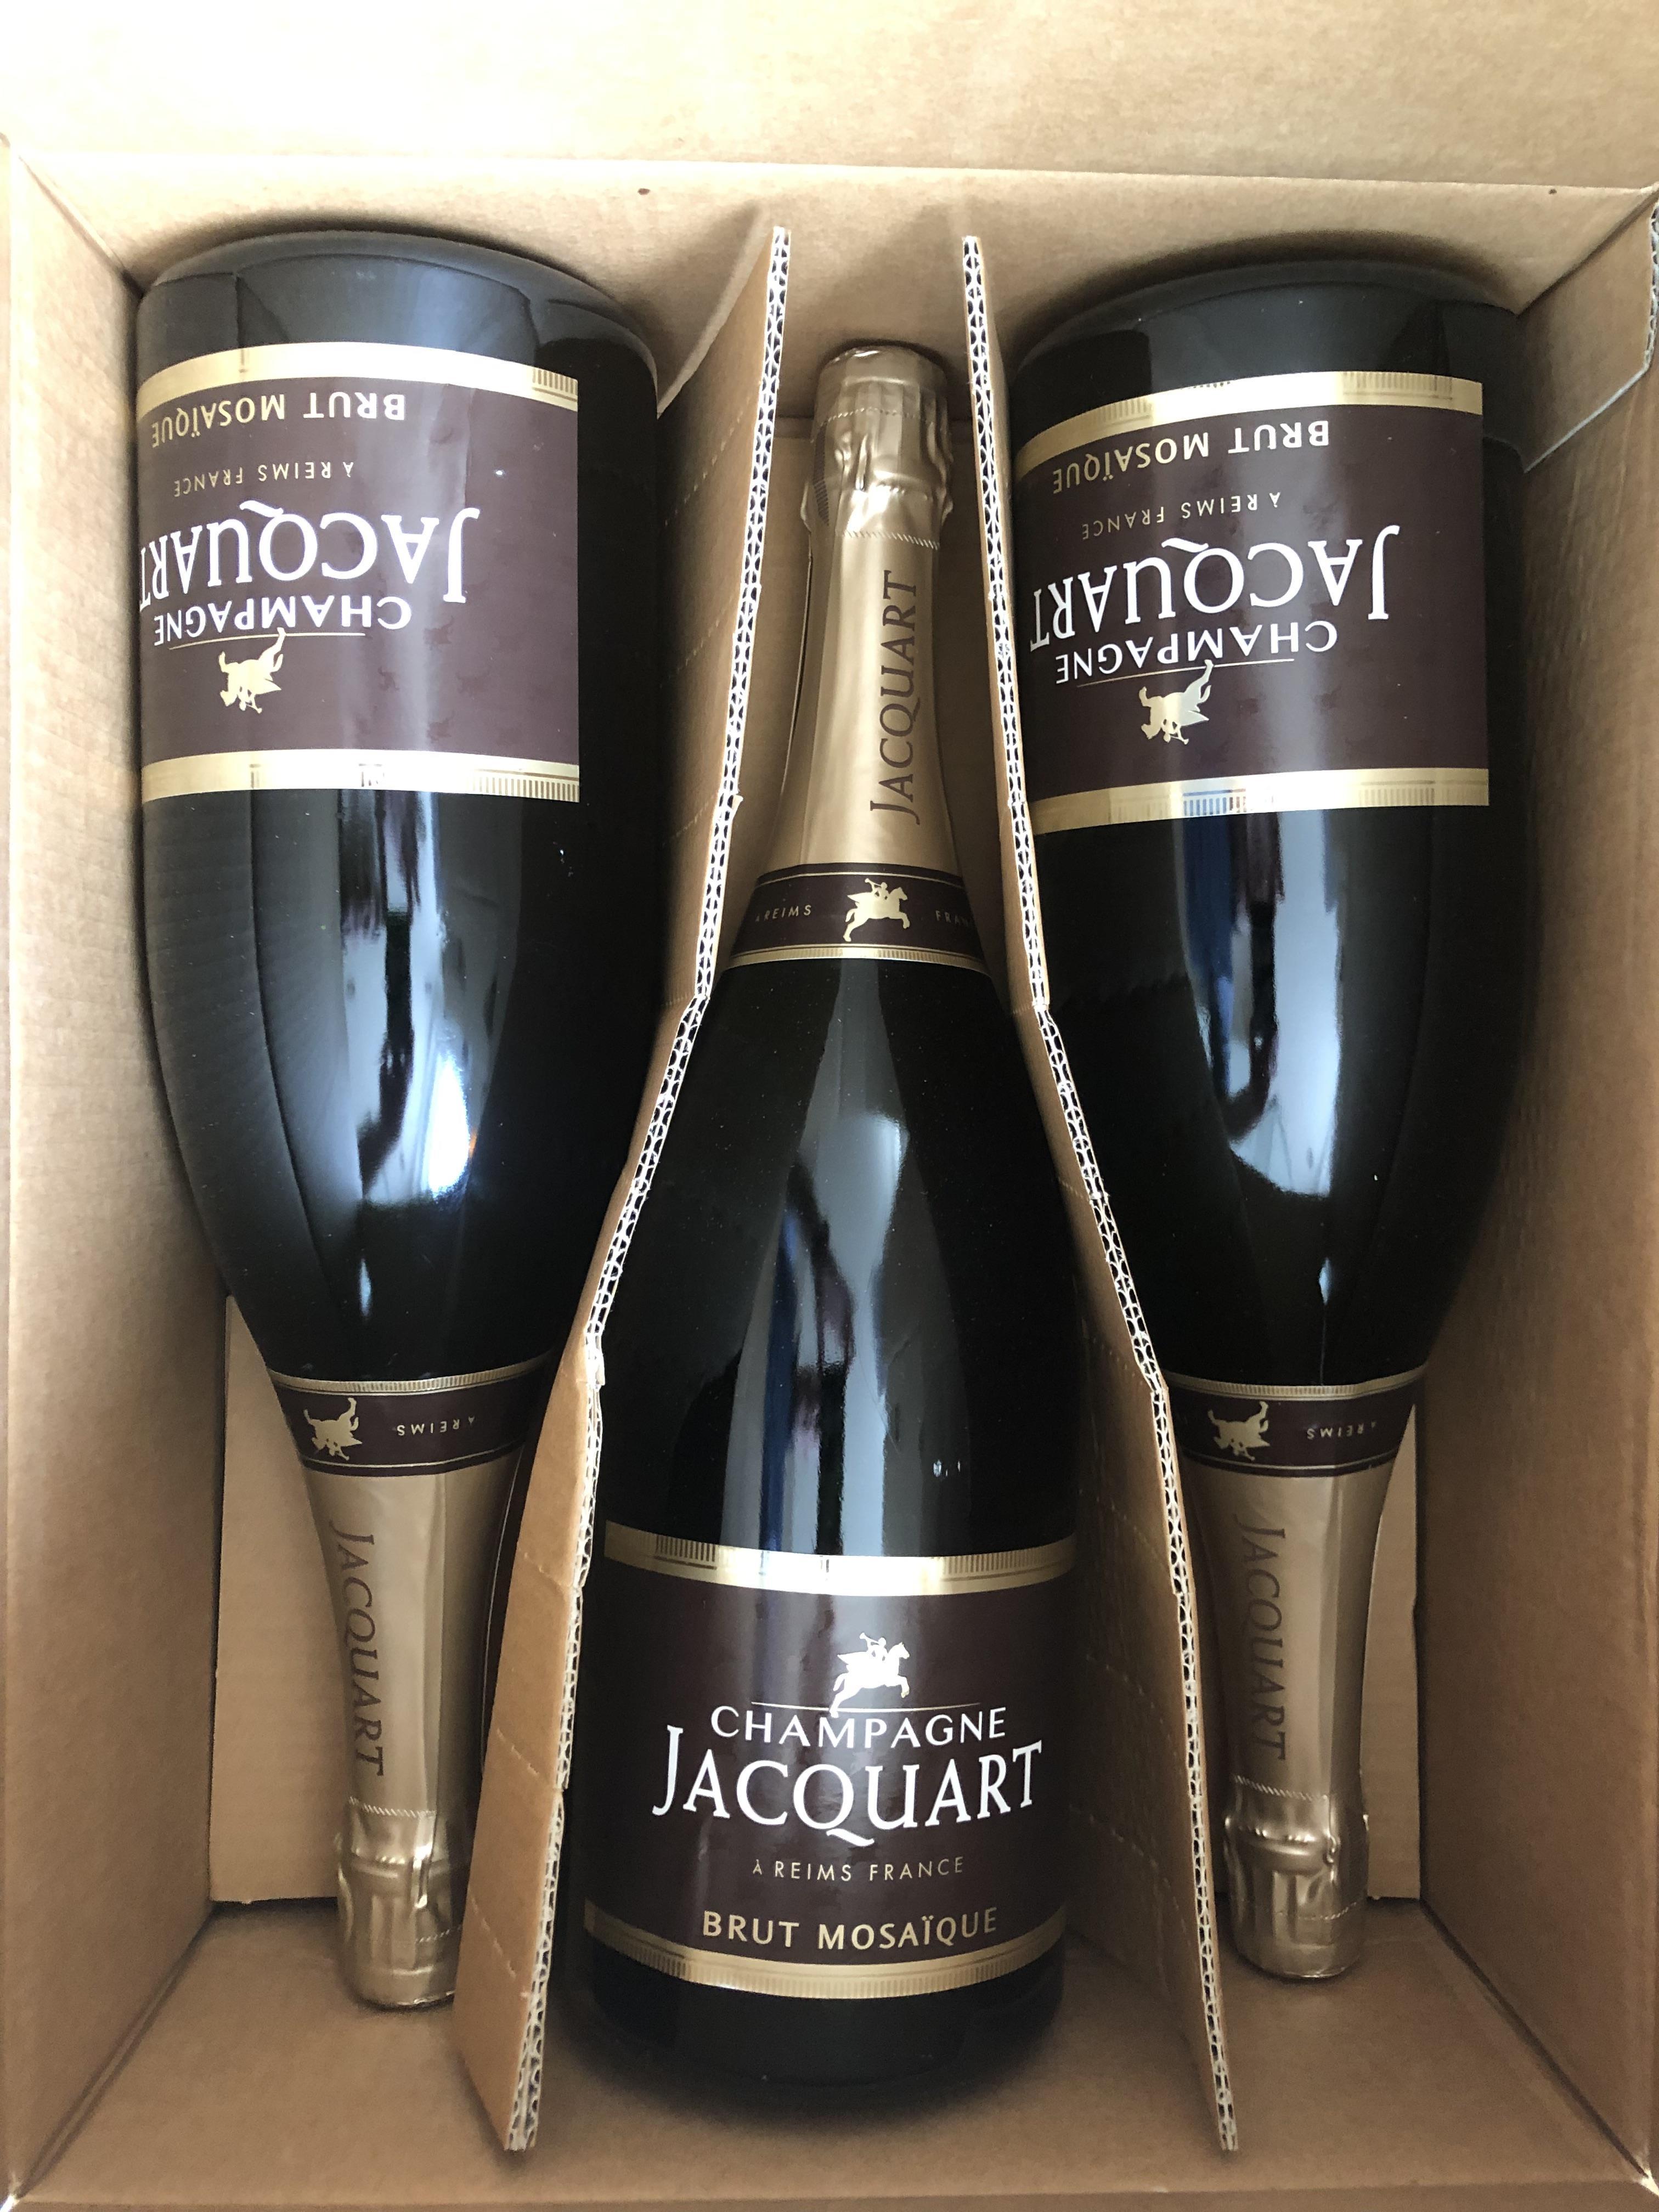 Lot 30 - NV Brut Mosaique, Jacquart, Champagne, France, 3 magnums